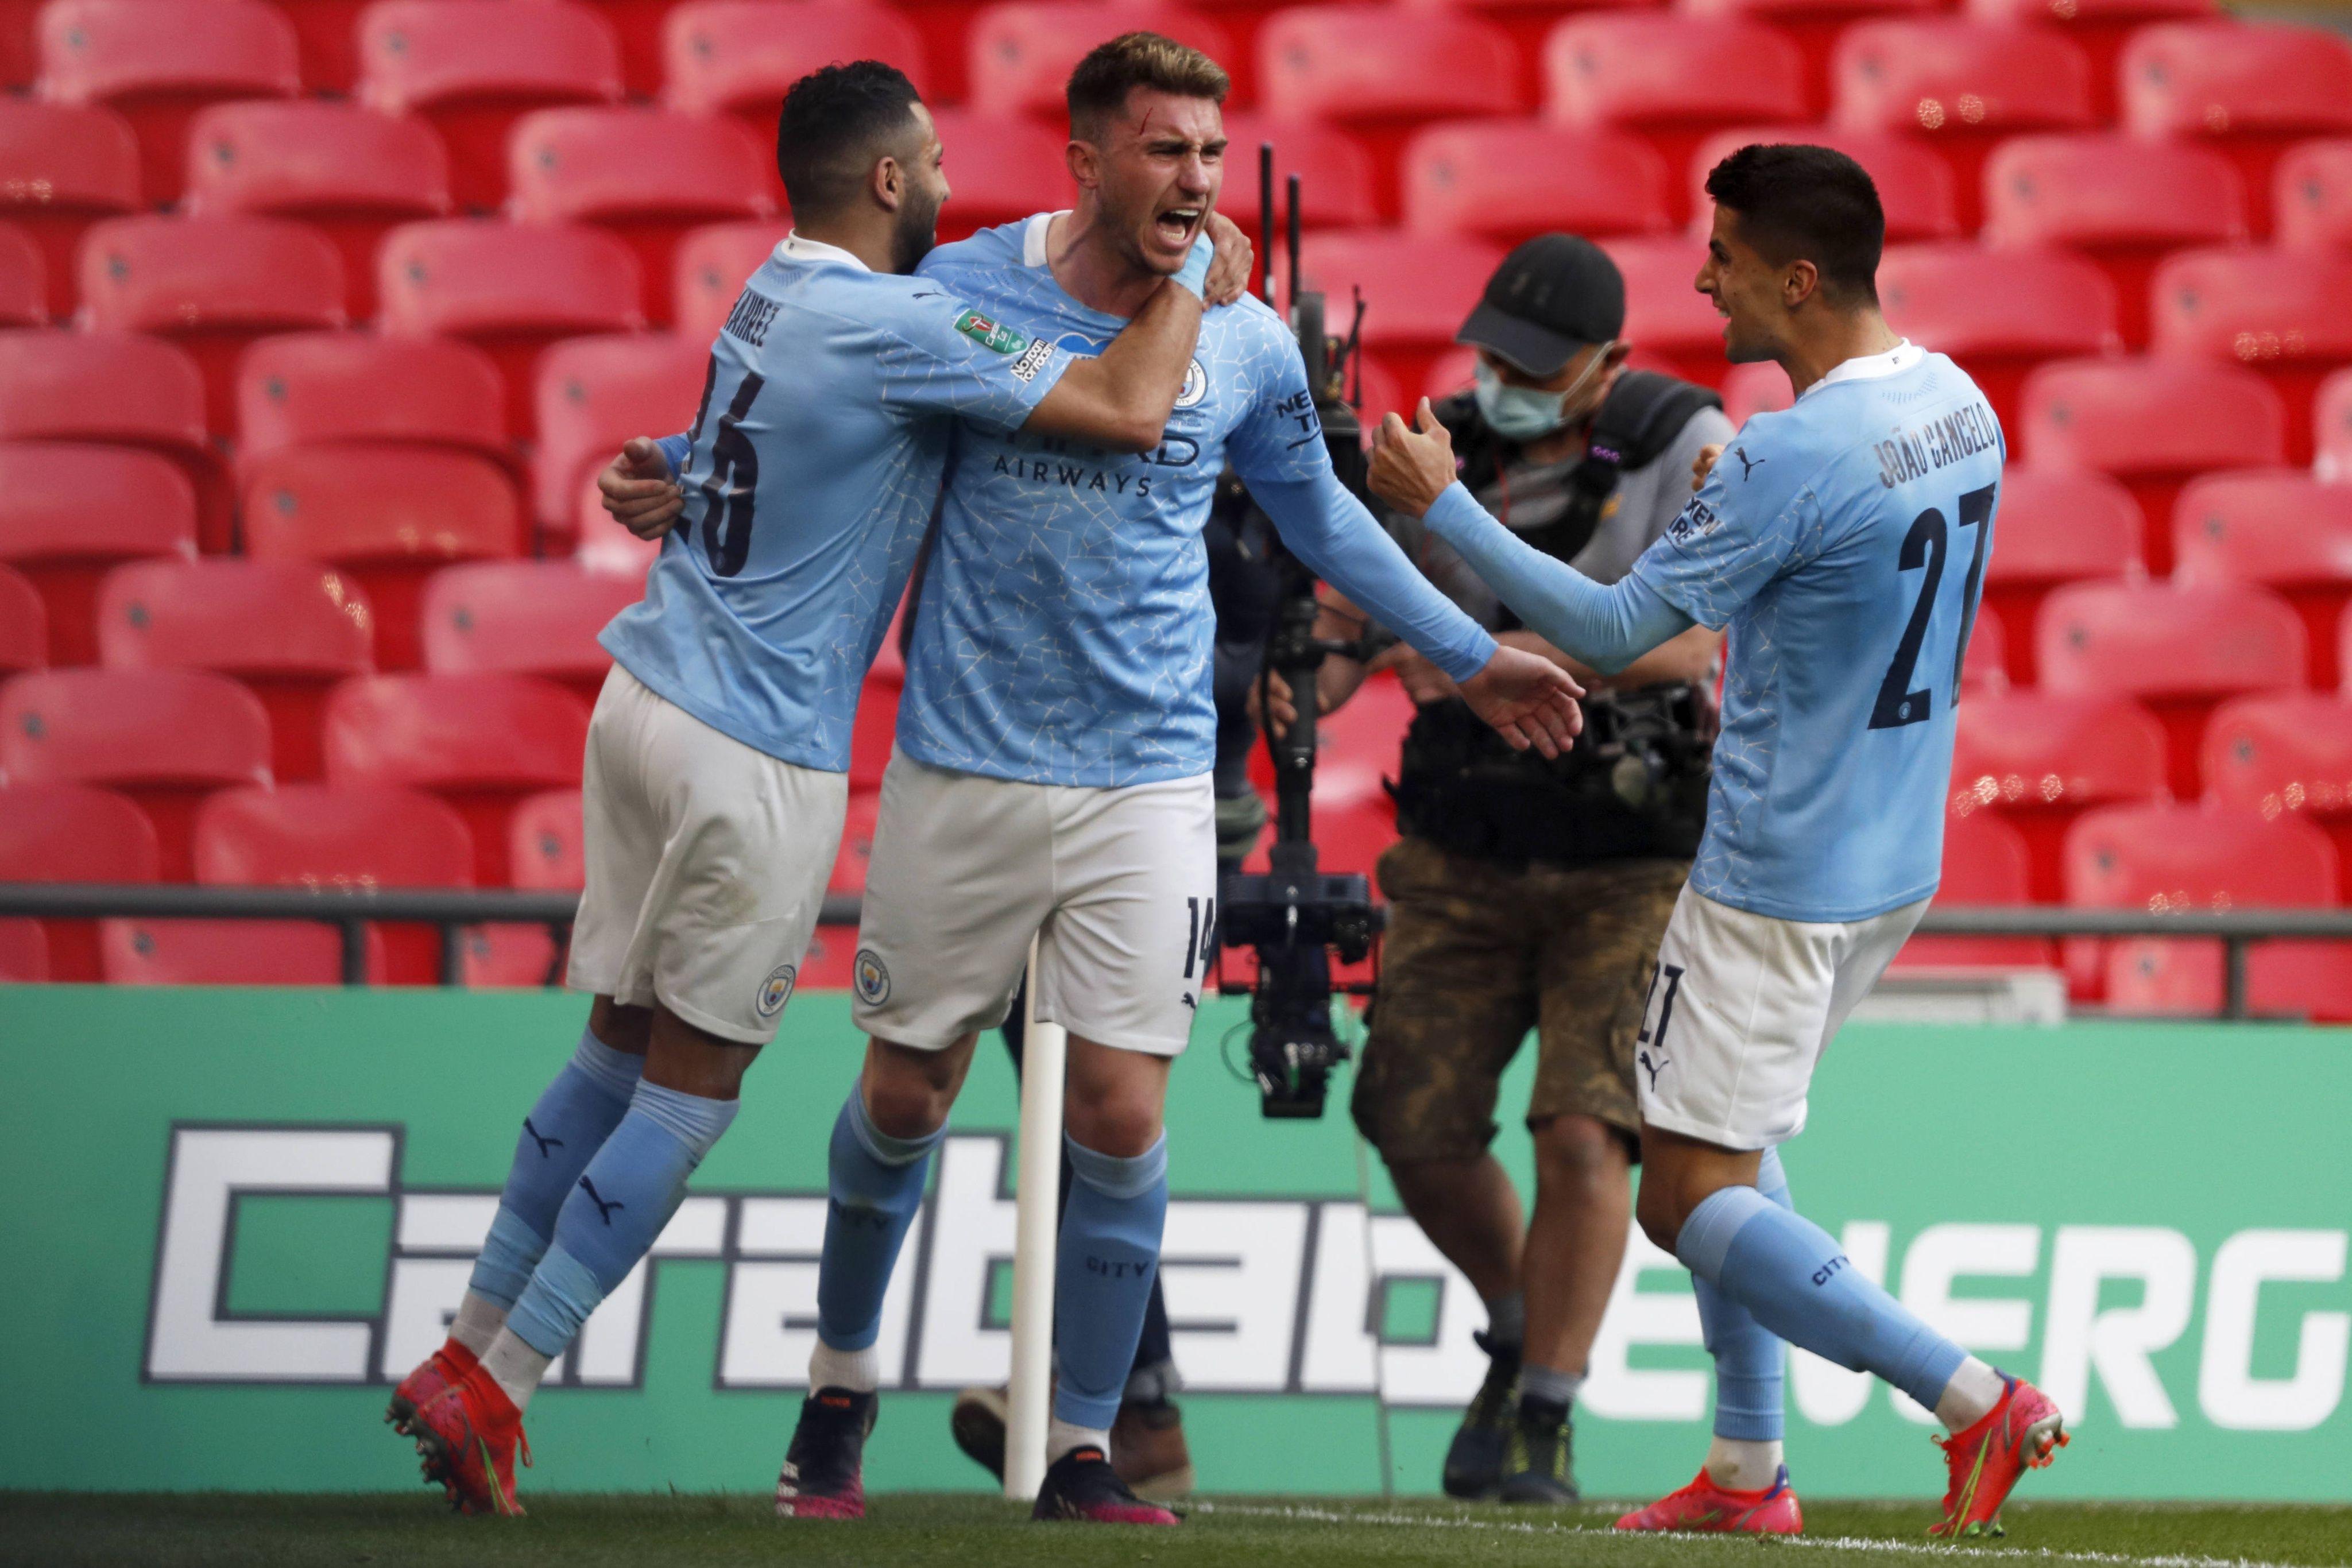 Le défenseur français de Manchester City Aymeric Laporte a marqué le seul but de la finale de la Coupe de la Ligue.